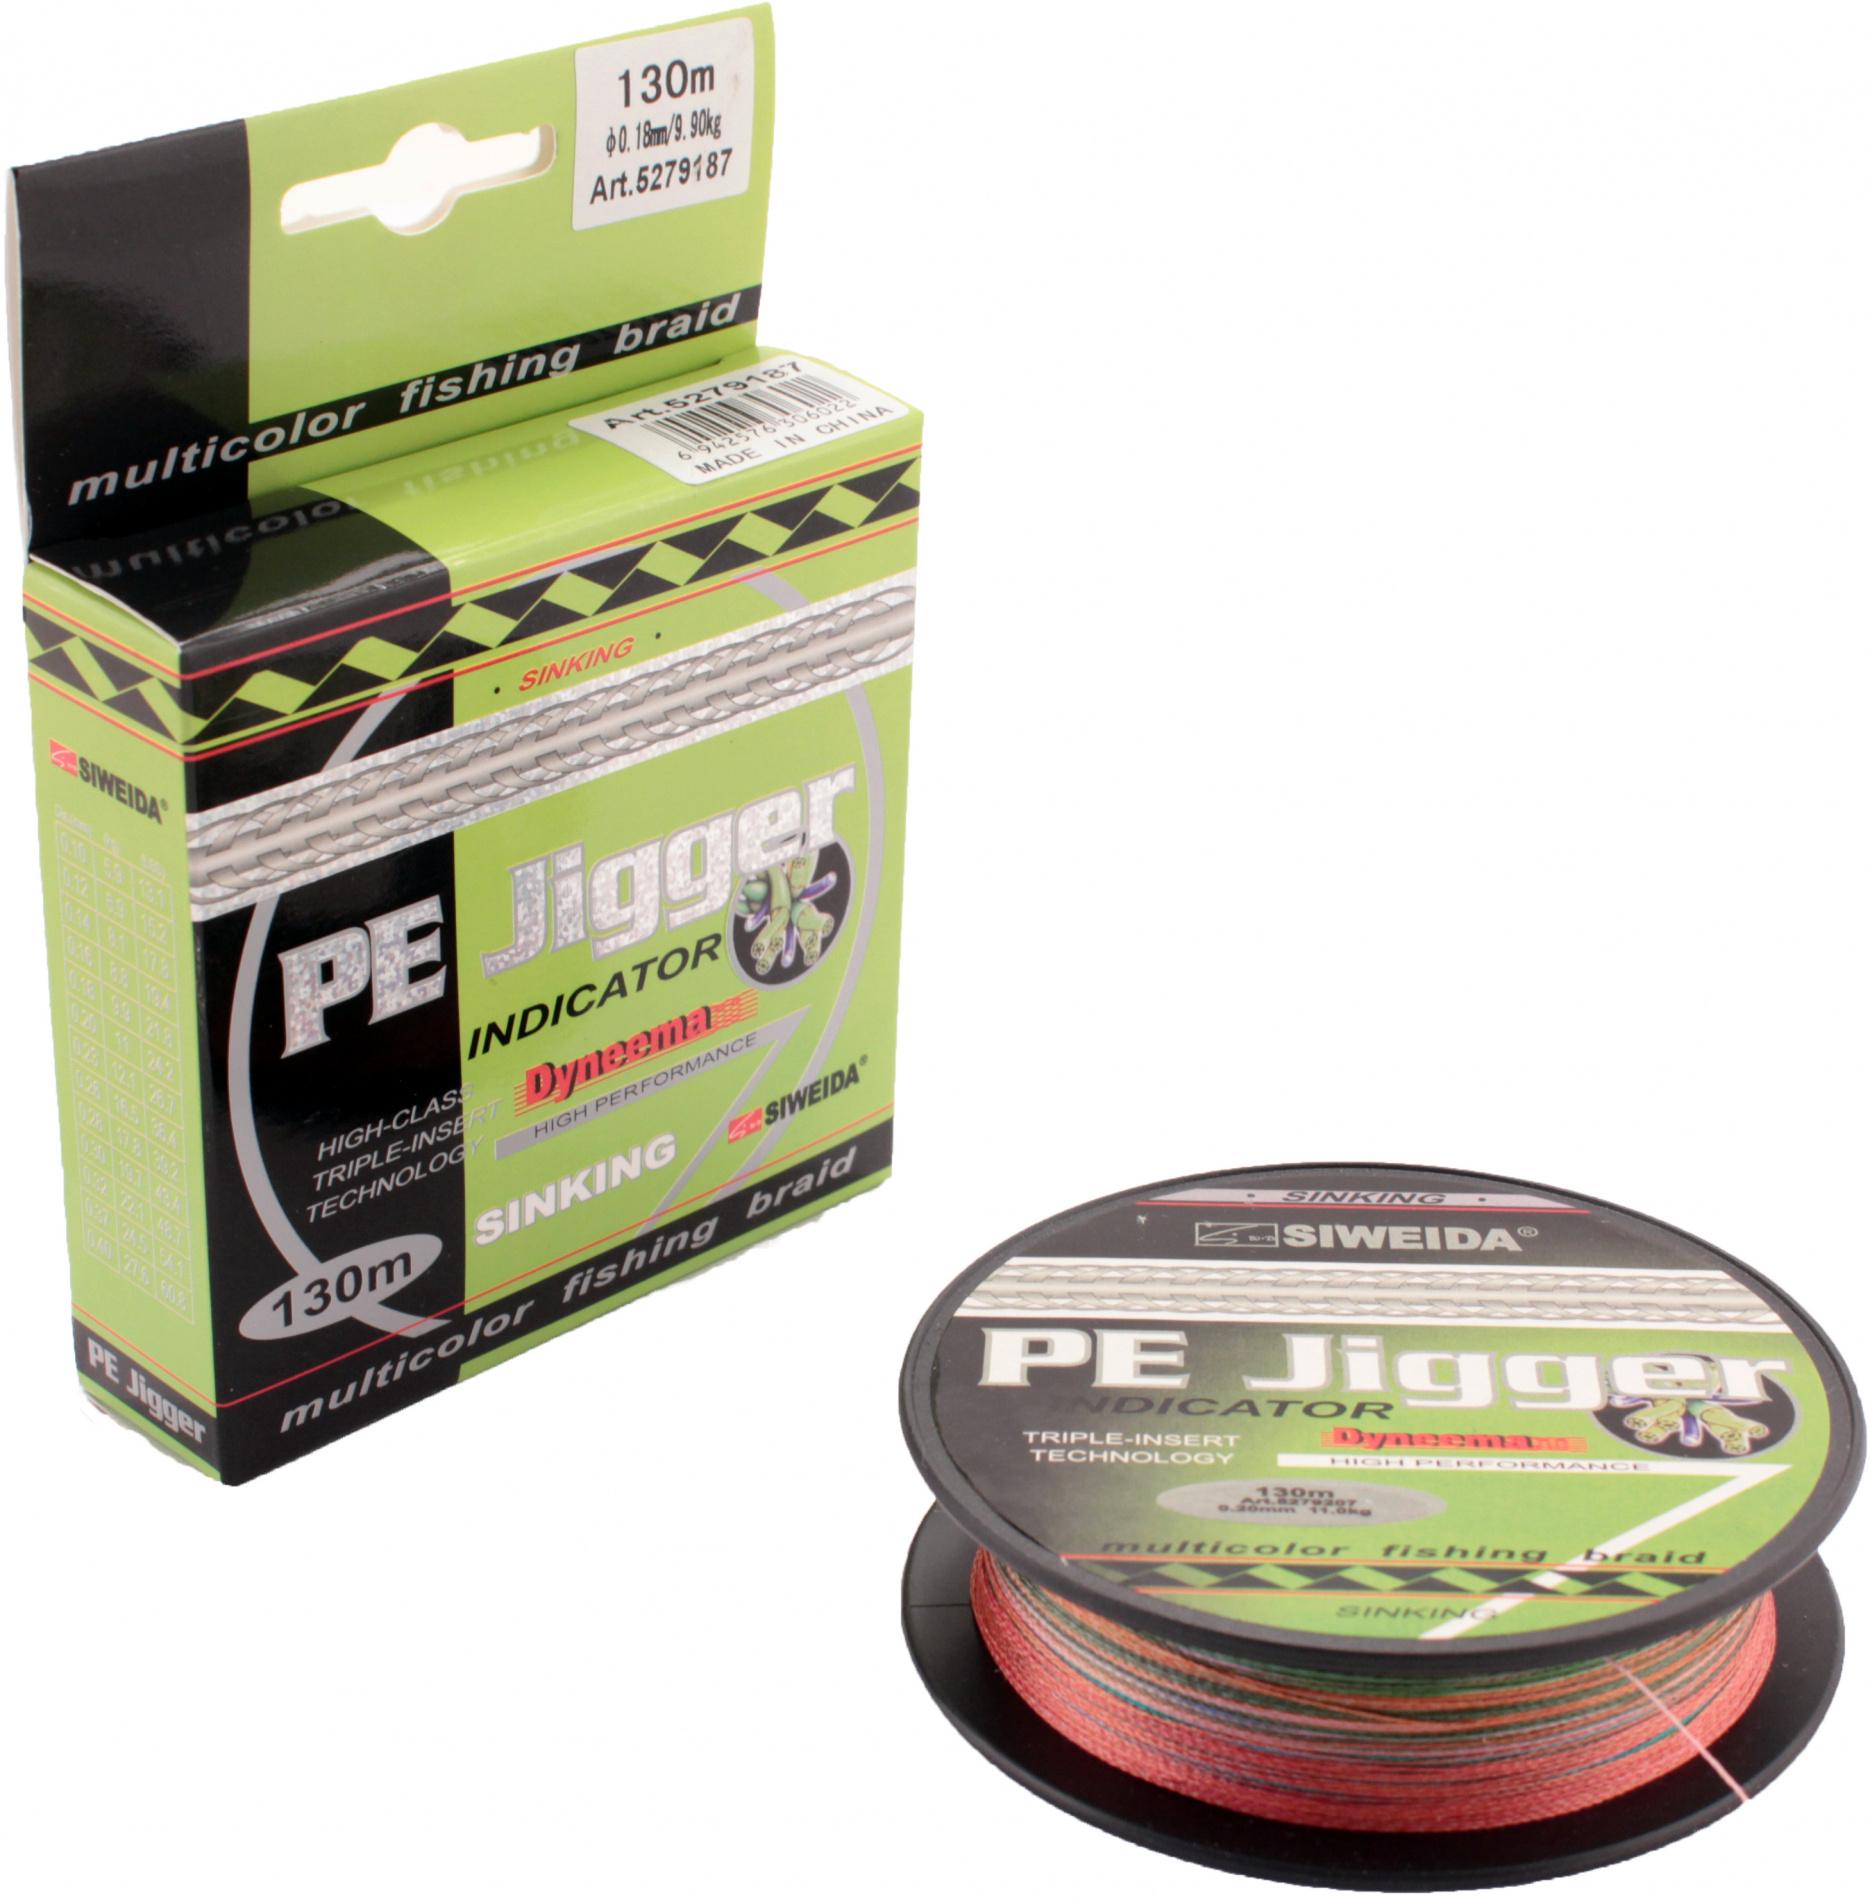 Леска плетеная SWD PE JIGGER INDICATOR 0,10 130м multicolor Леска плетеная<br>Пятицветный тонущий плетеный шнур, изготовленный <br>из волокна DYNEEMA, сечением 0,10мм (разрывная <br>нагрузка 5,90кг) и длиной 130м. Благодаря микроволокнам <br>полиэтилена (Super PE) шнур имеет очень плотное <br>плетение, не впитывает воду, имеет гладкую <br>поверхность и одинаковое сечение по всей <br>длине. Отличается практически нулевой растяжимостью, <br>что позволяет полностью контролировать <br>спиннинговую приманку. Длина куска одного <br>цвета - 10м. Это позволяет рыболовам точно <br>контролировать дальность заброса приманки. <br>Подходит для всех видов ловли хищника.<br>